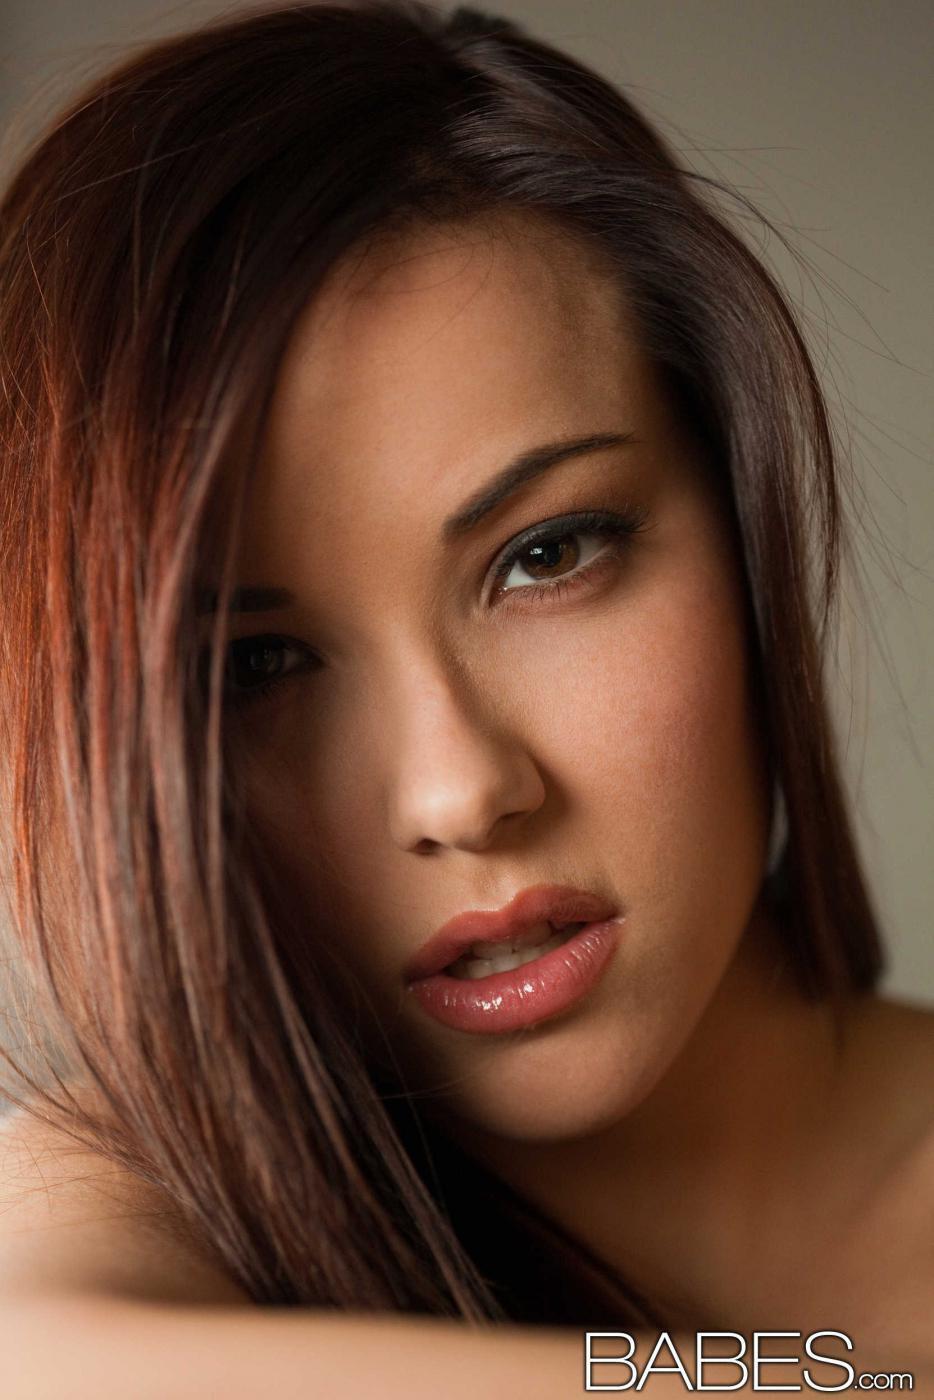 Титястая модель с темными волосами в чулочках Laura TSC принимает такие позы, что ее грудь выглядит лучше некуда